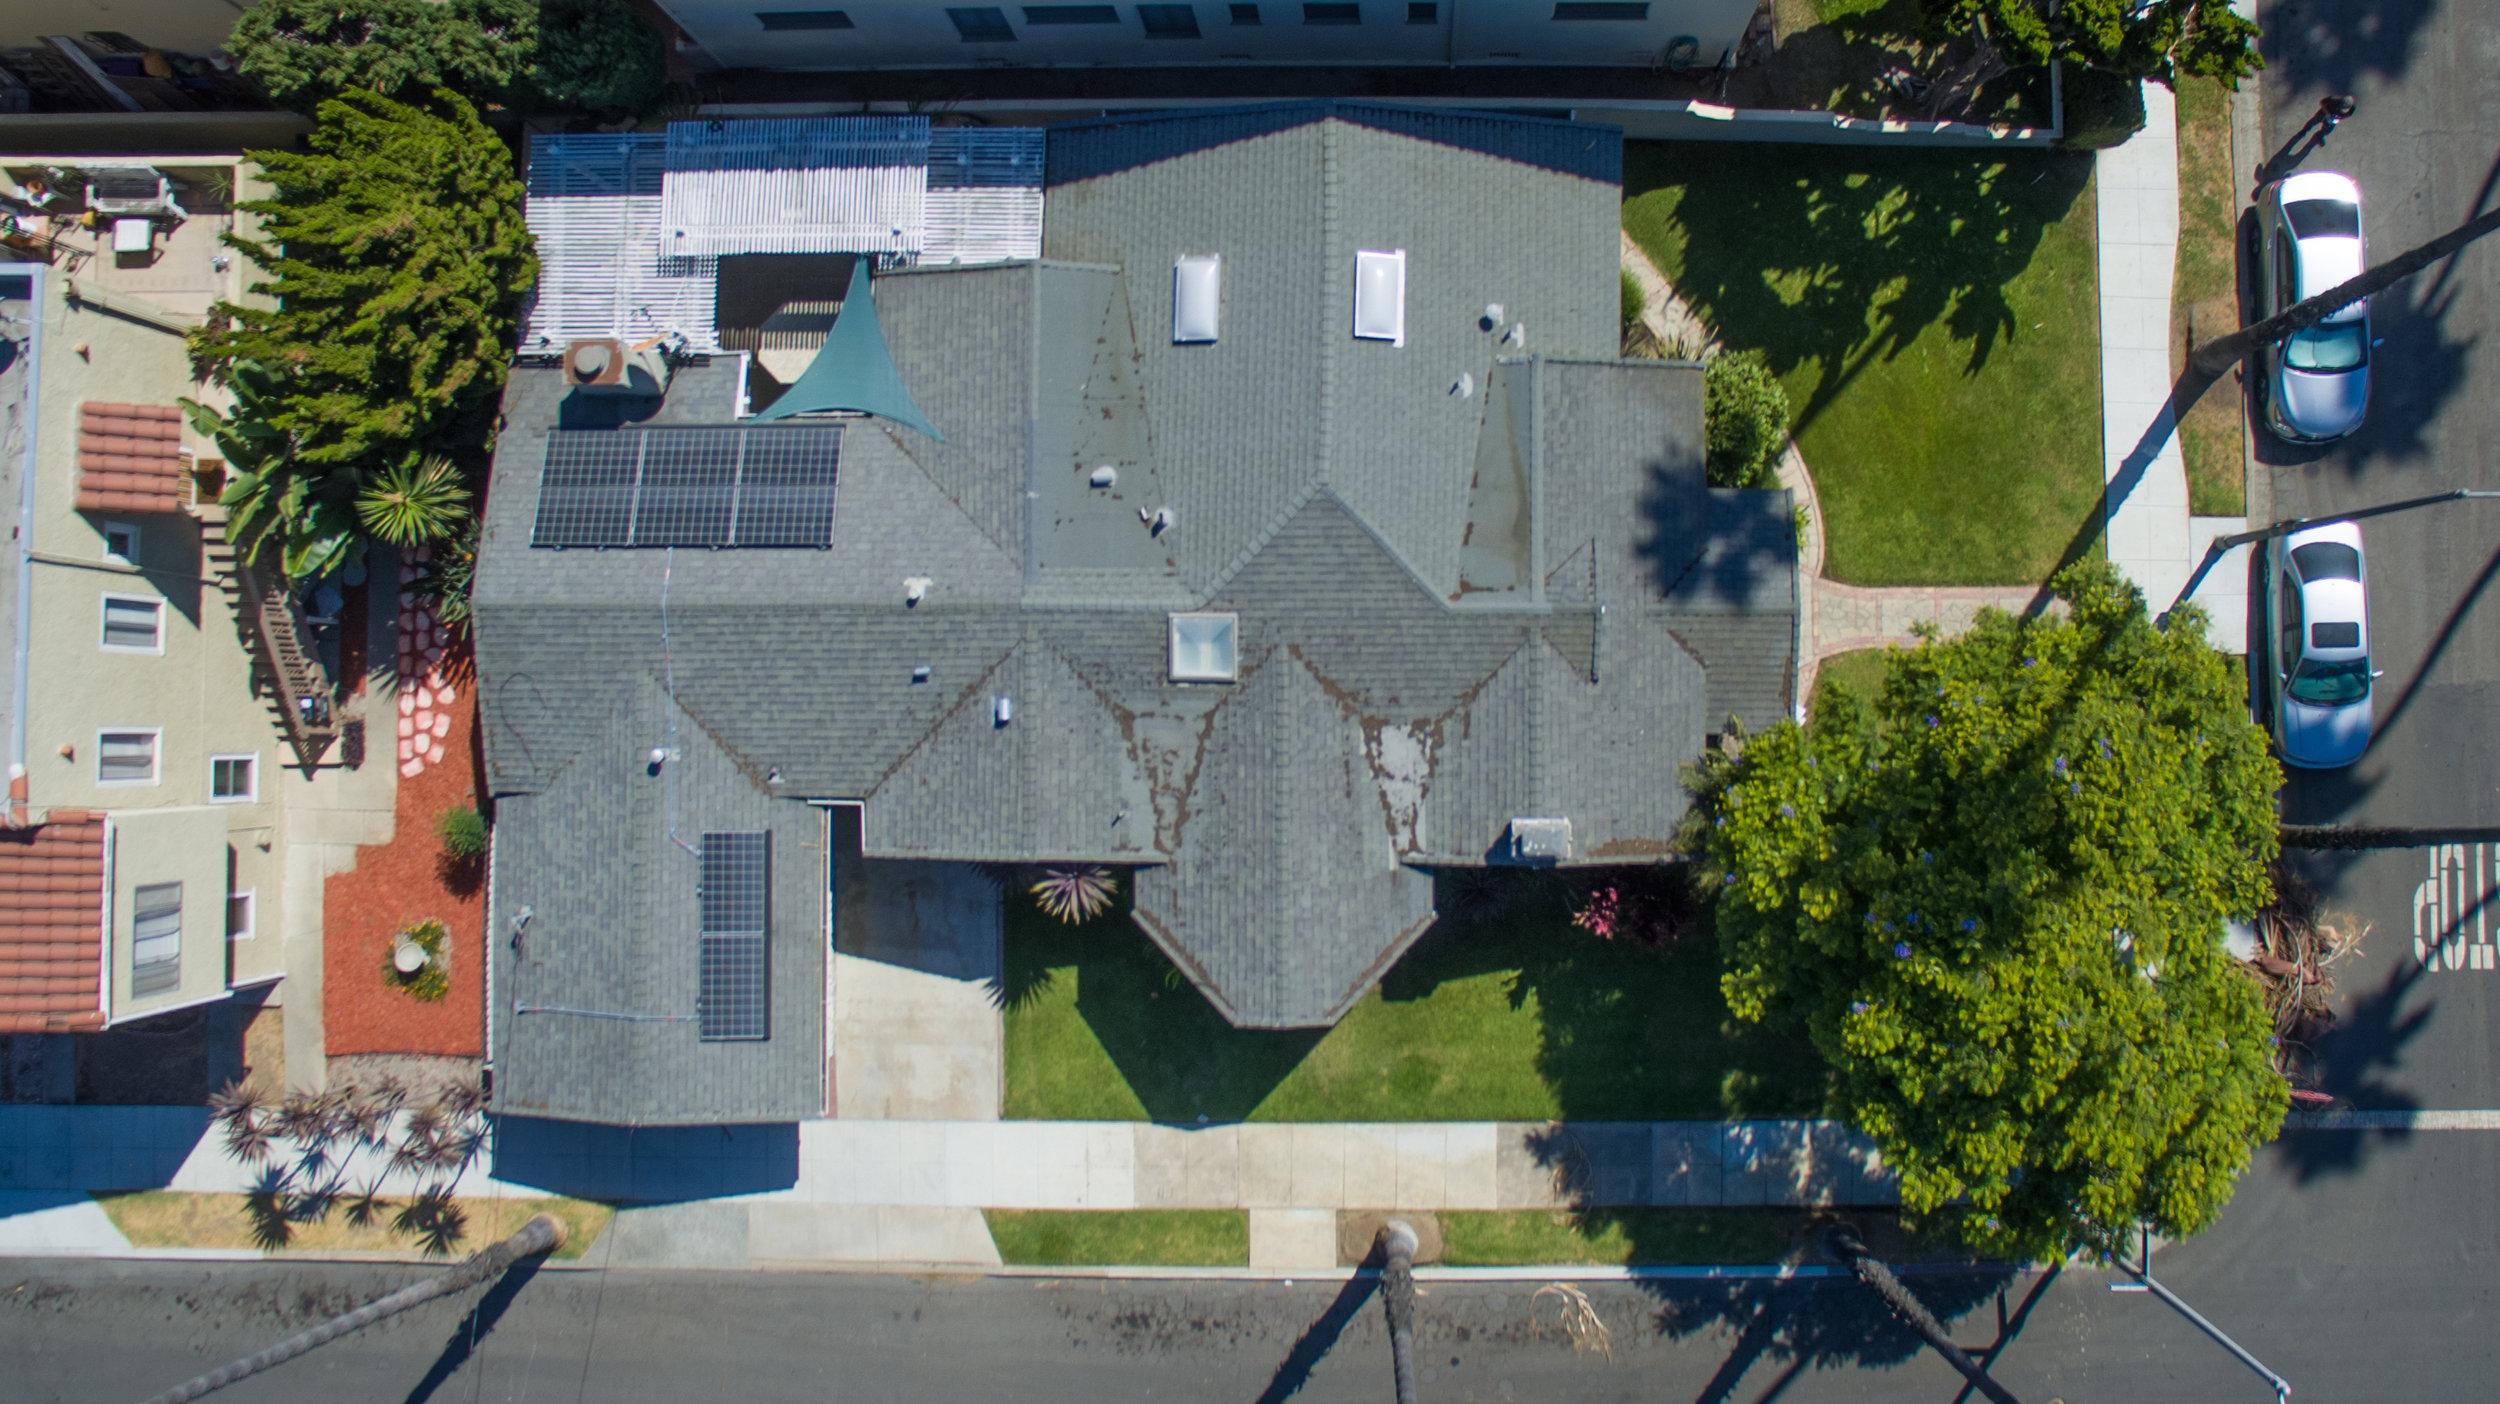 2105 - Phyllis Schmidt - 214 Roswell Ave-22.jpg